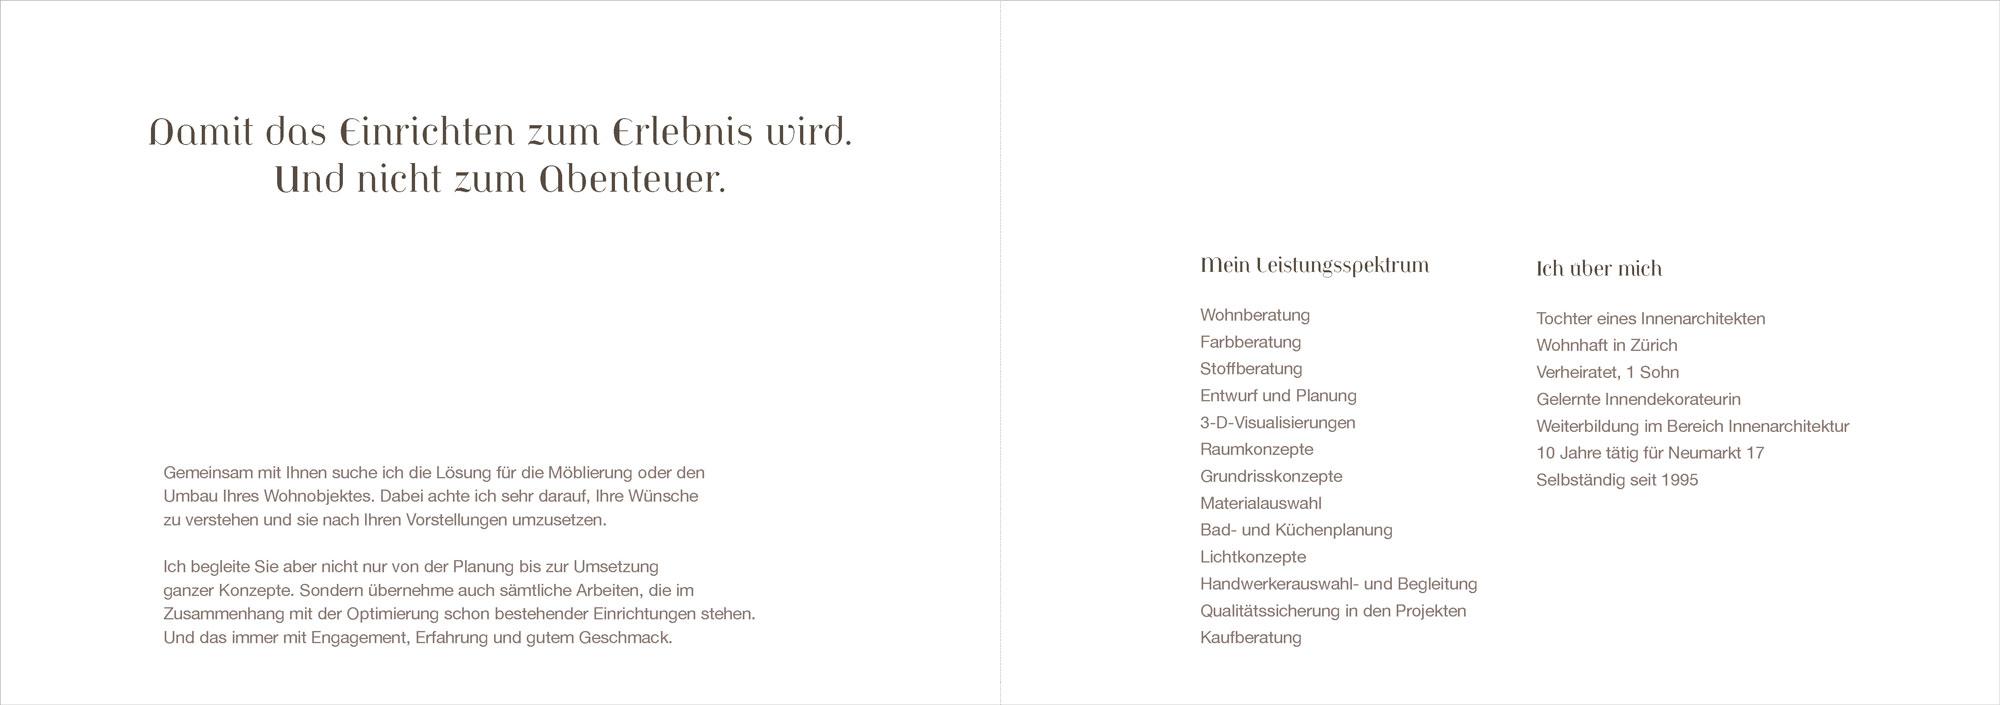 Innenarchitektur Weiterbildung broschüre innenarchitektur raumgestaltung